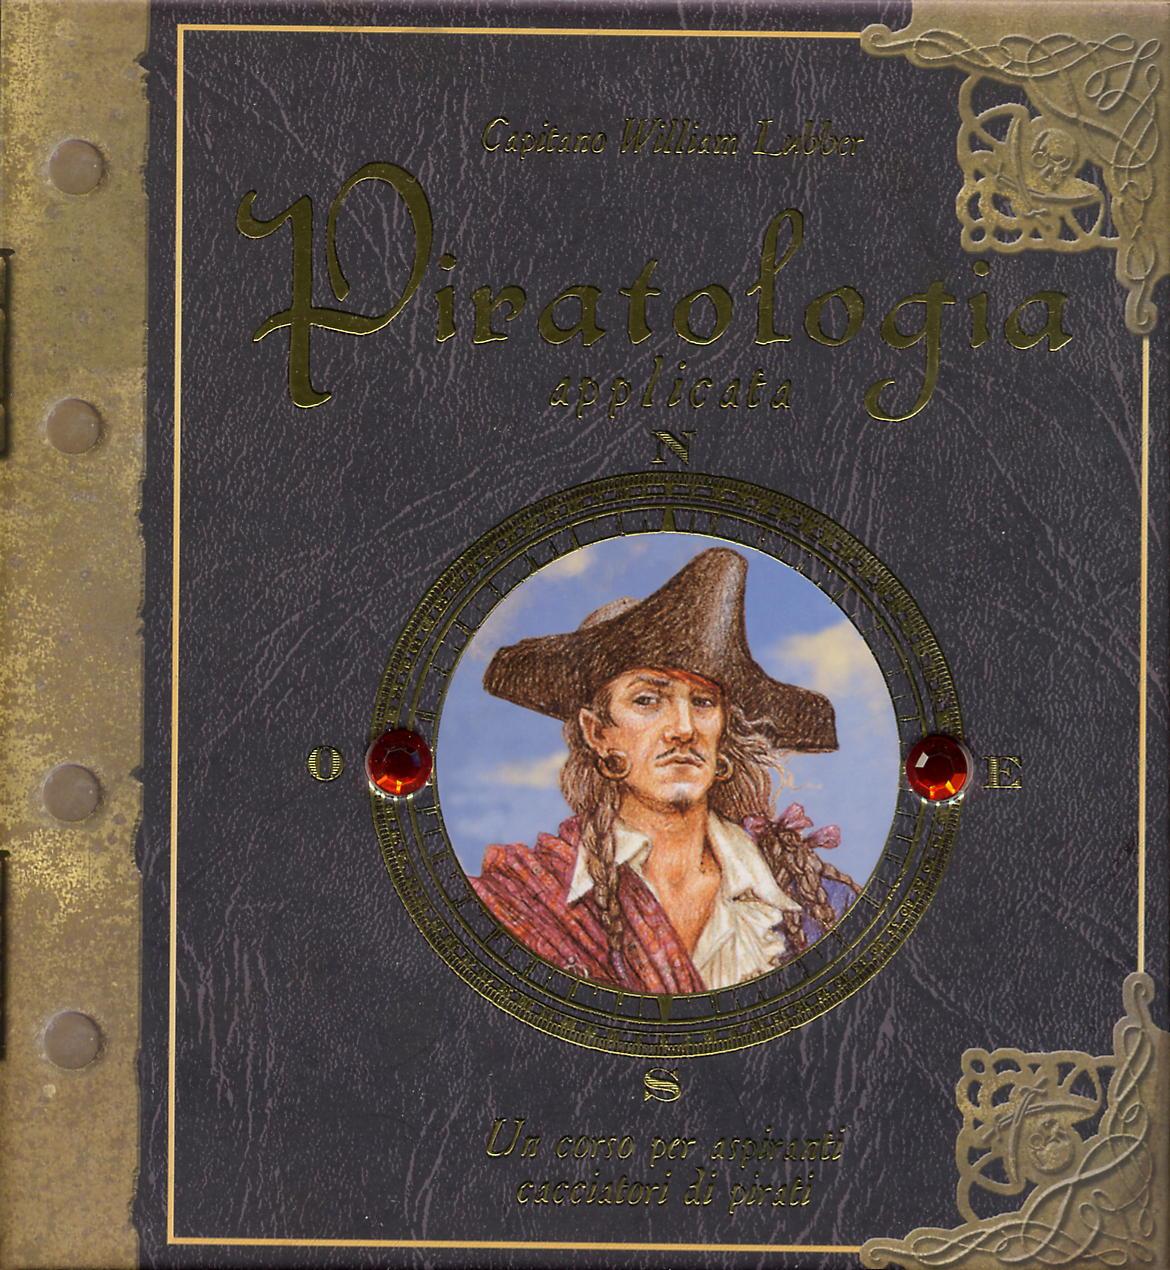 Piratologia applicata. Un corso per aspiranti cacciatori di pirati. Con adesivi